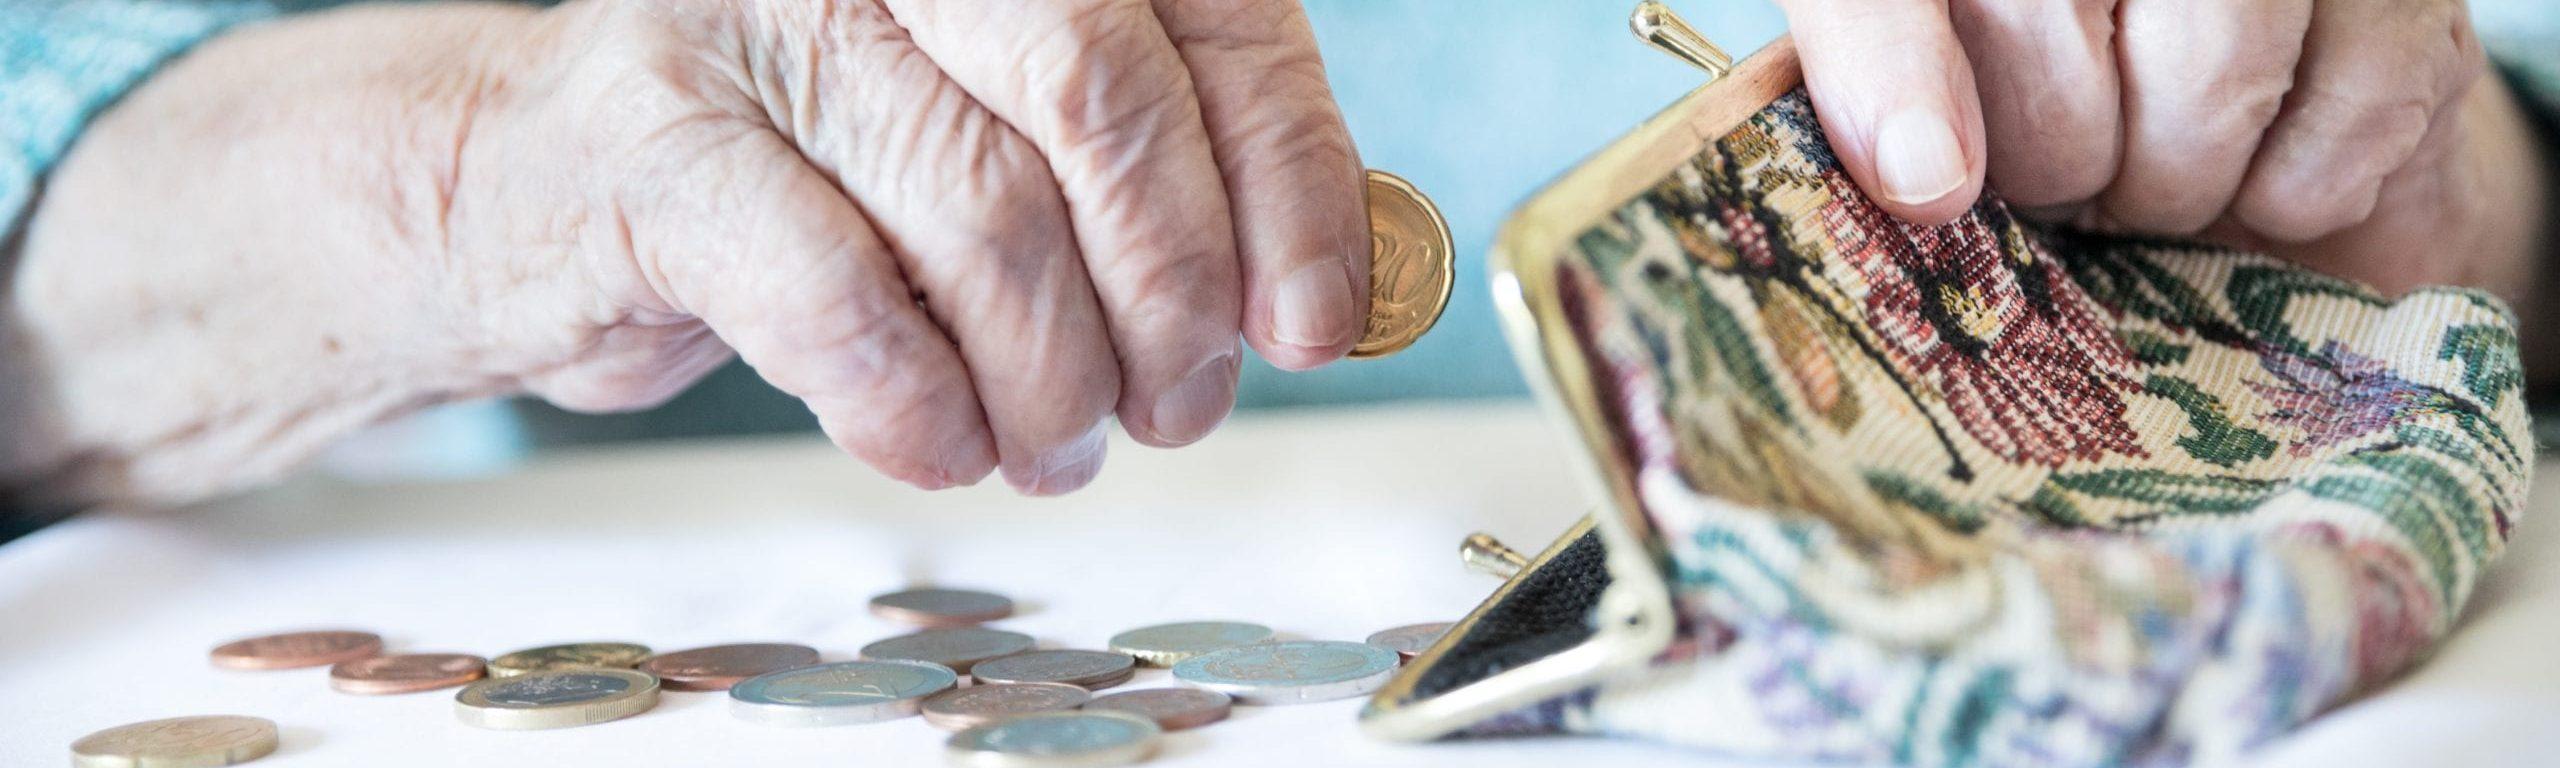 Seniorin zählt ihr Geld.